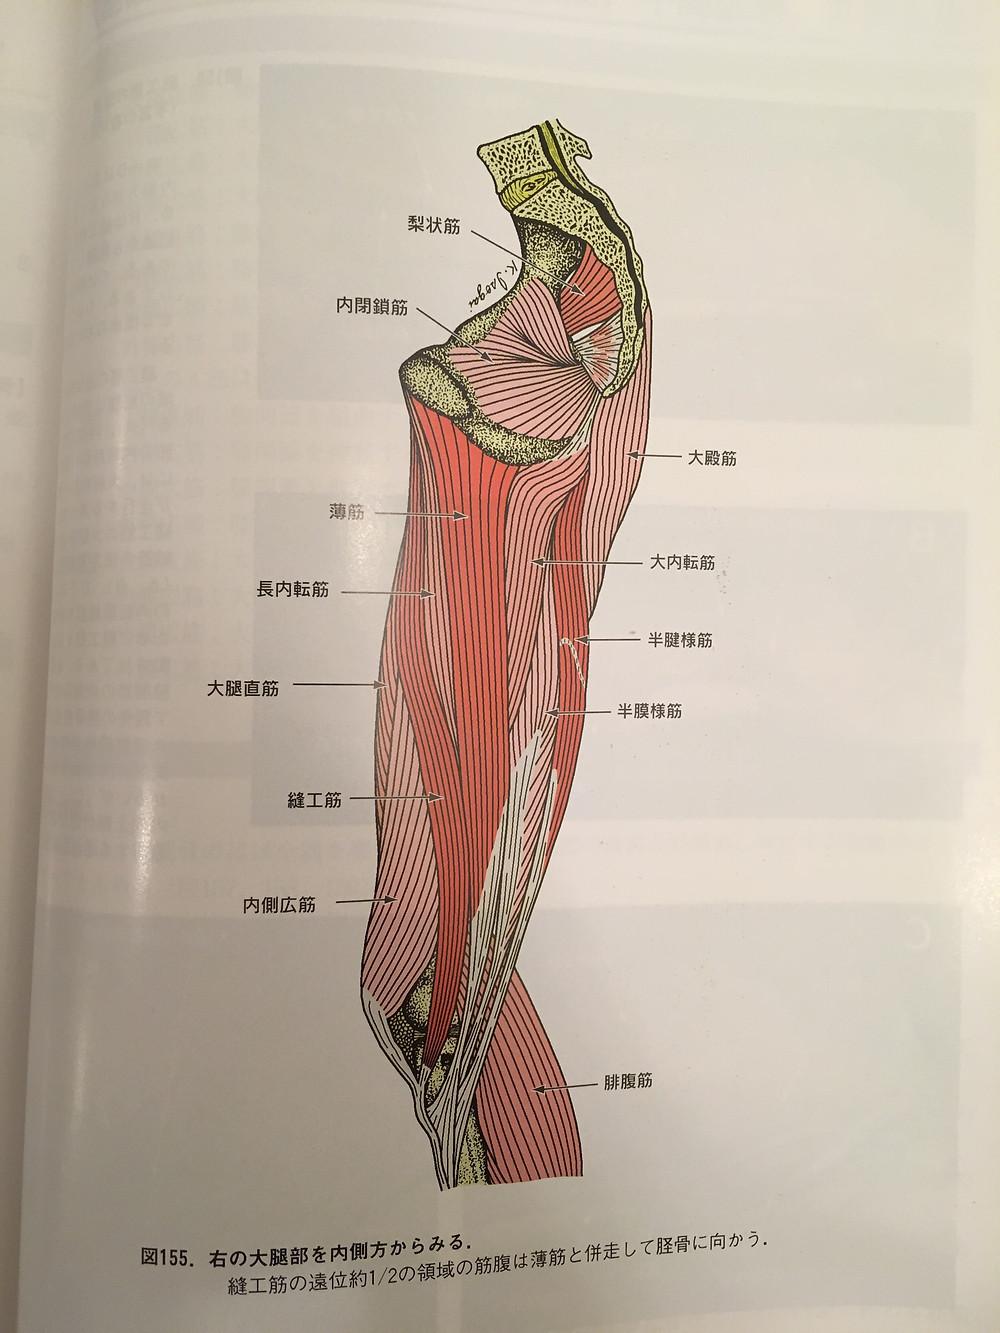 膝 の 内側 曲げる と 痛い